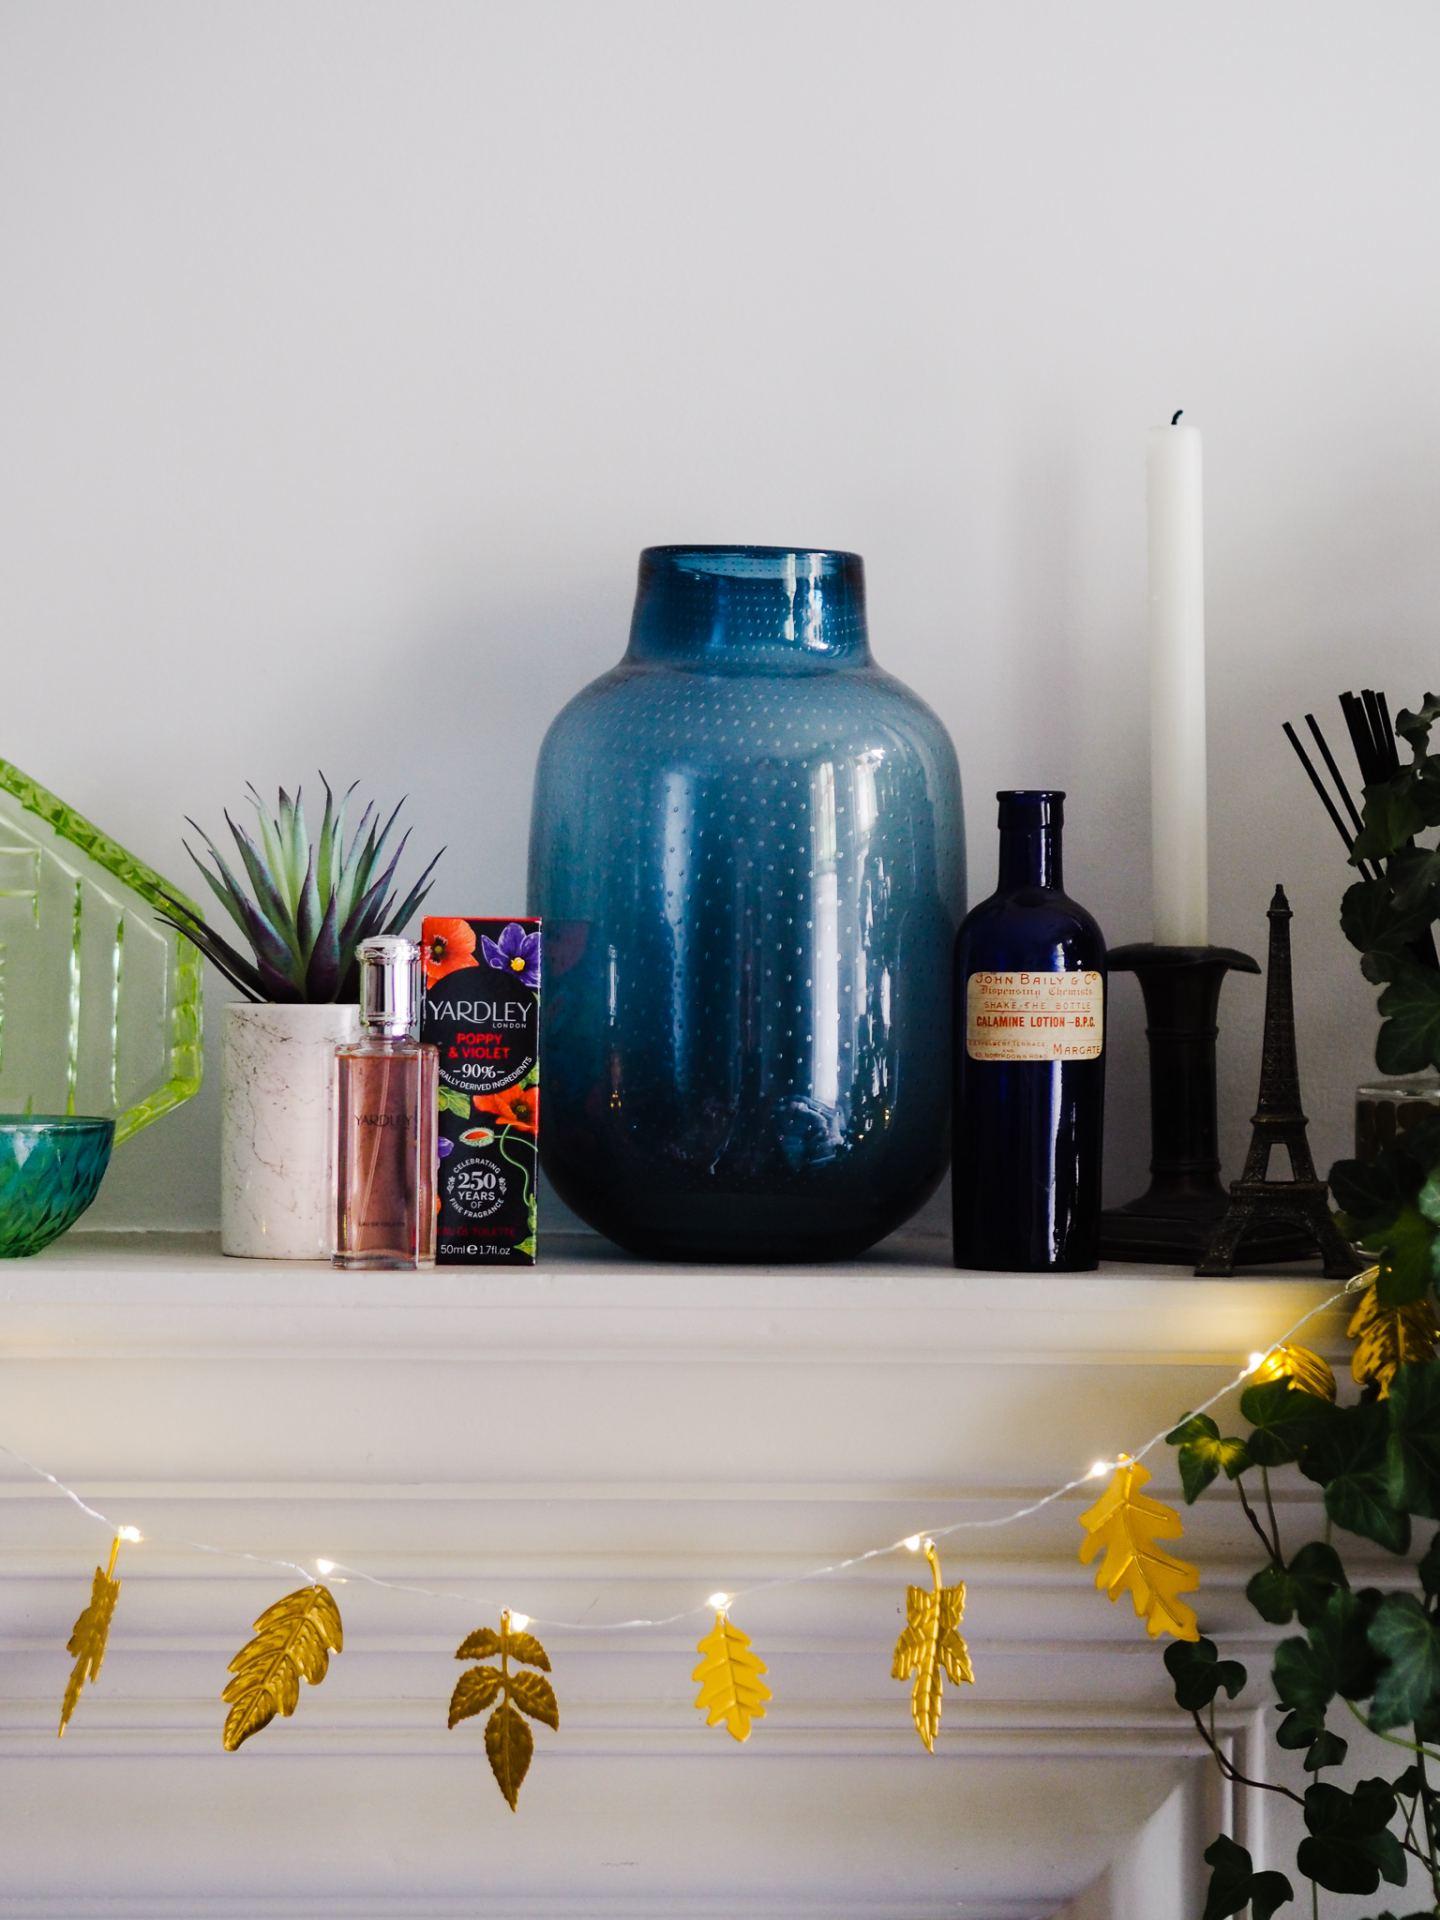 Yardley 'Poppy & Violet' Perfume Review